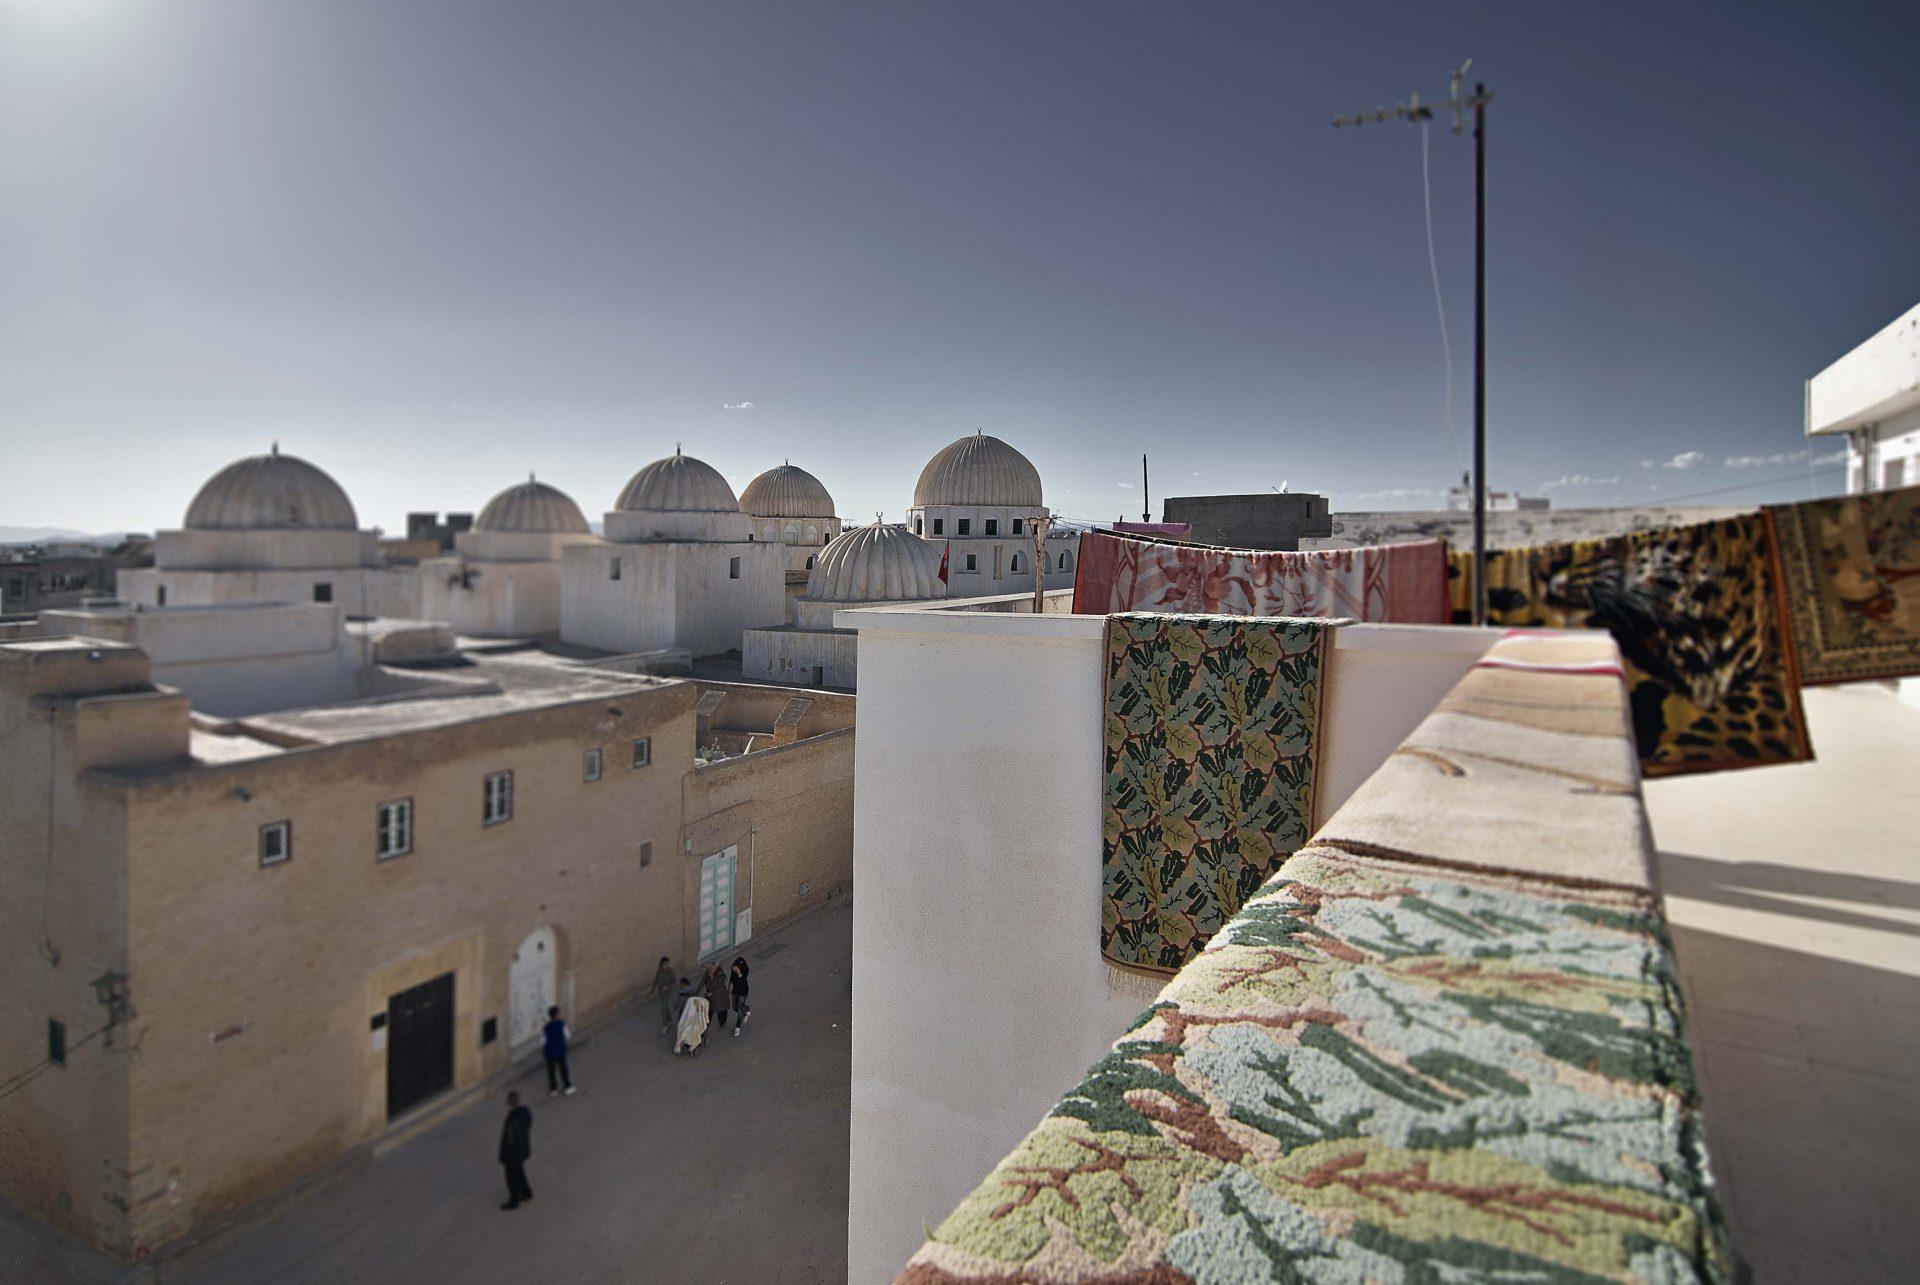 Tunis2014-08-4022-04